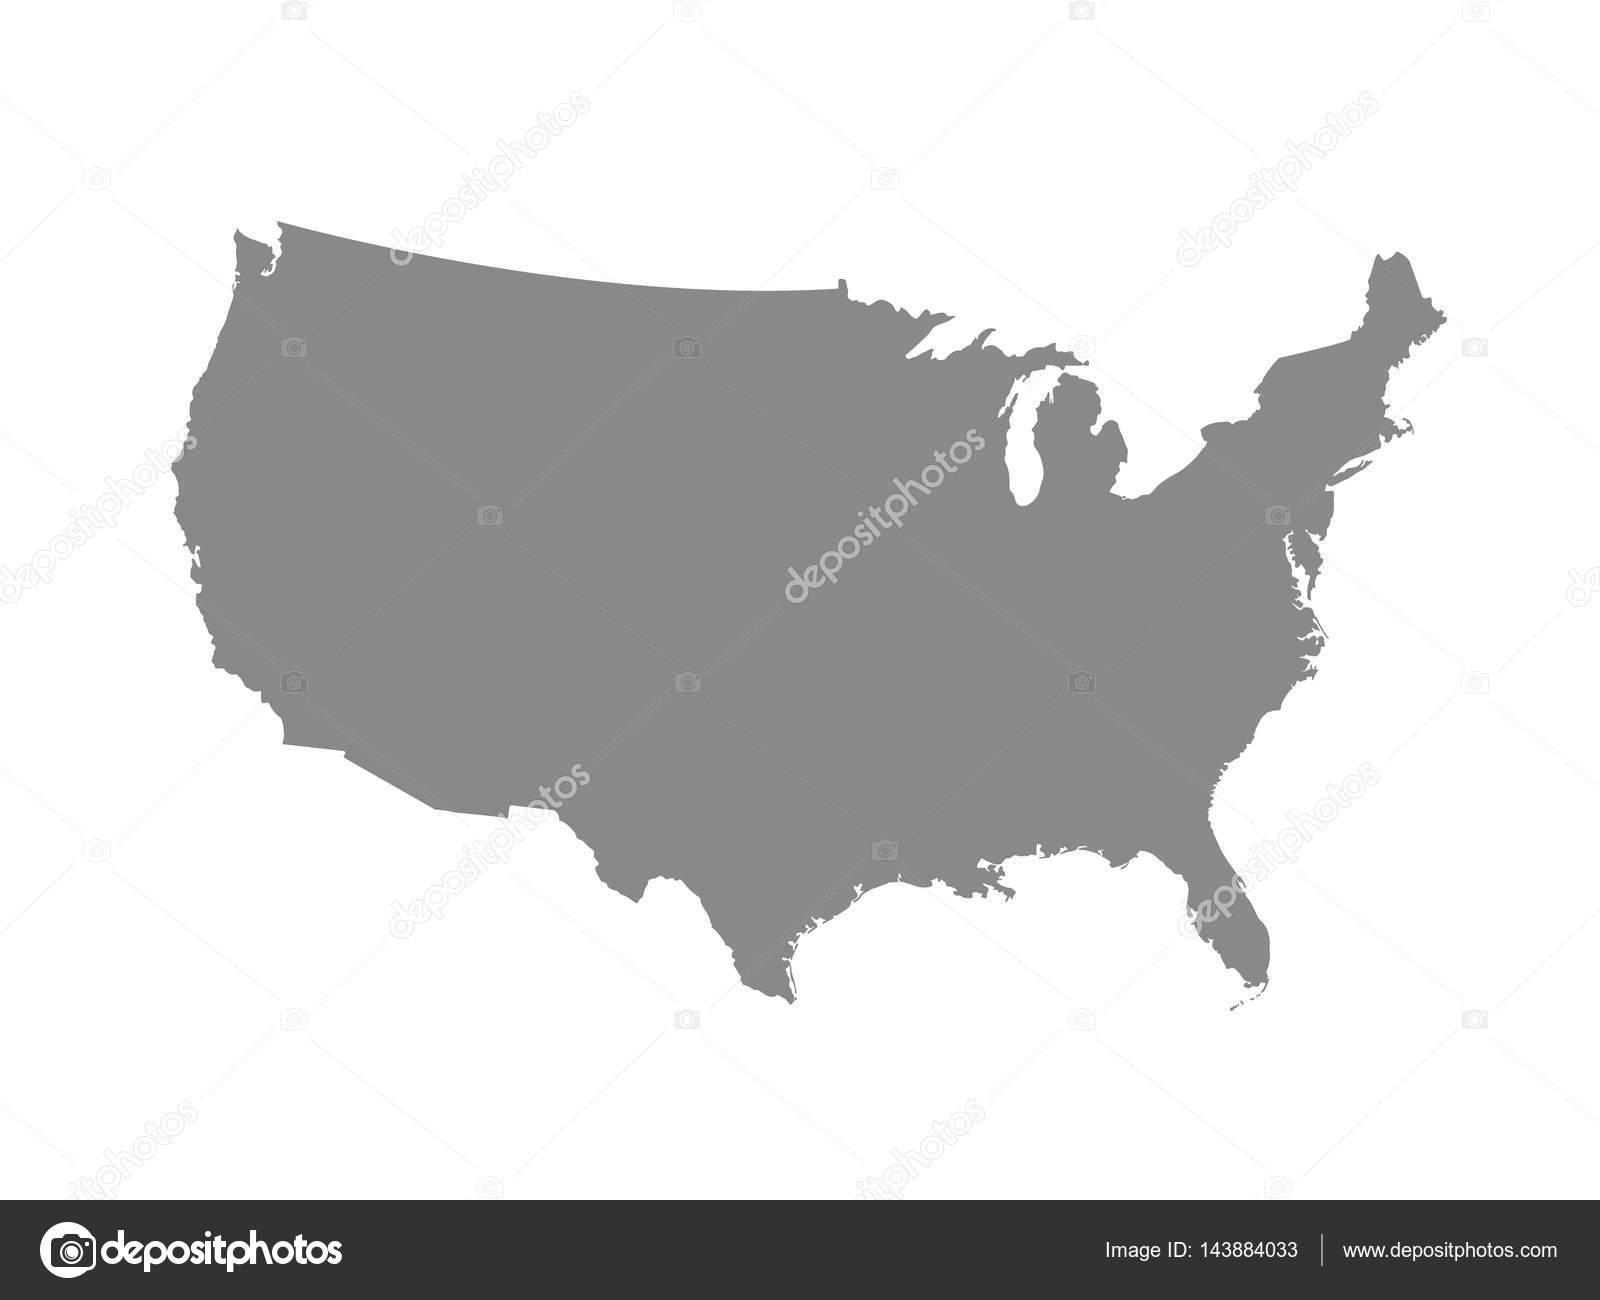 blank similar usa map isolated on white background united states of